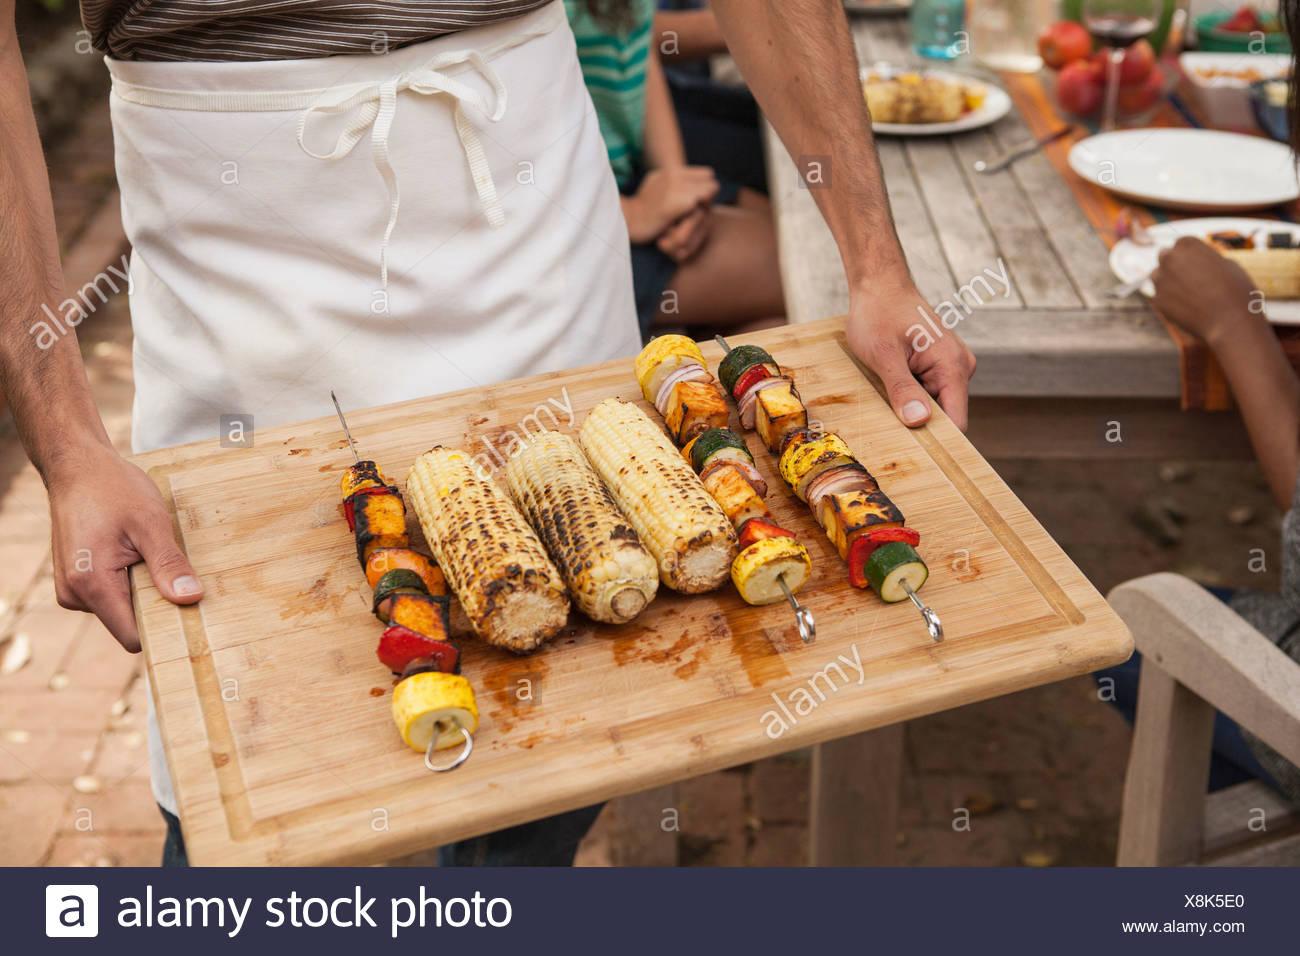 Hombre sujetando una bandeja de pinchos de verduras a la brasa y la mazorca de maíz Imagen De Stock